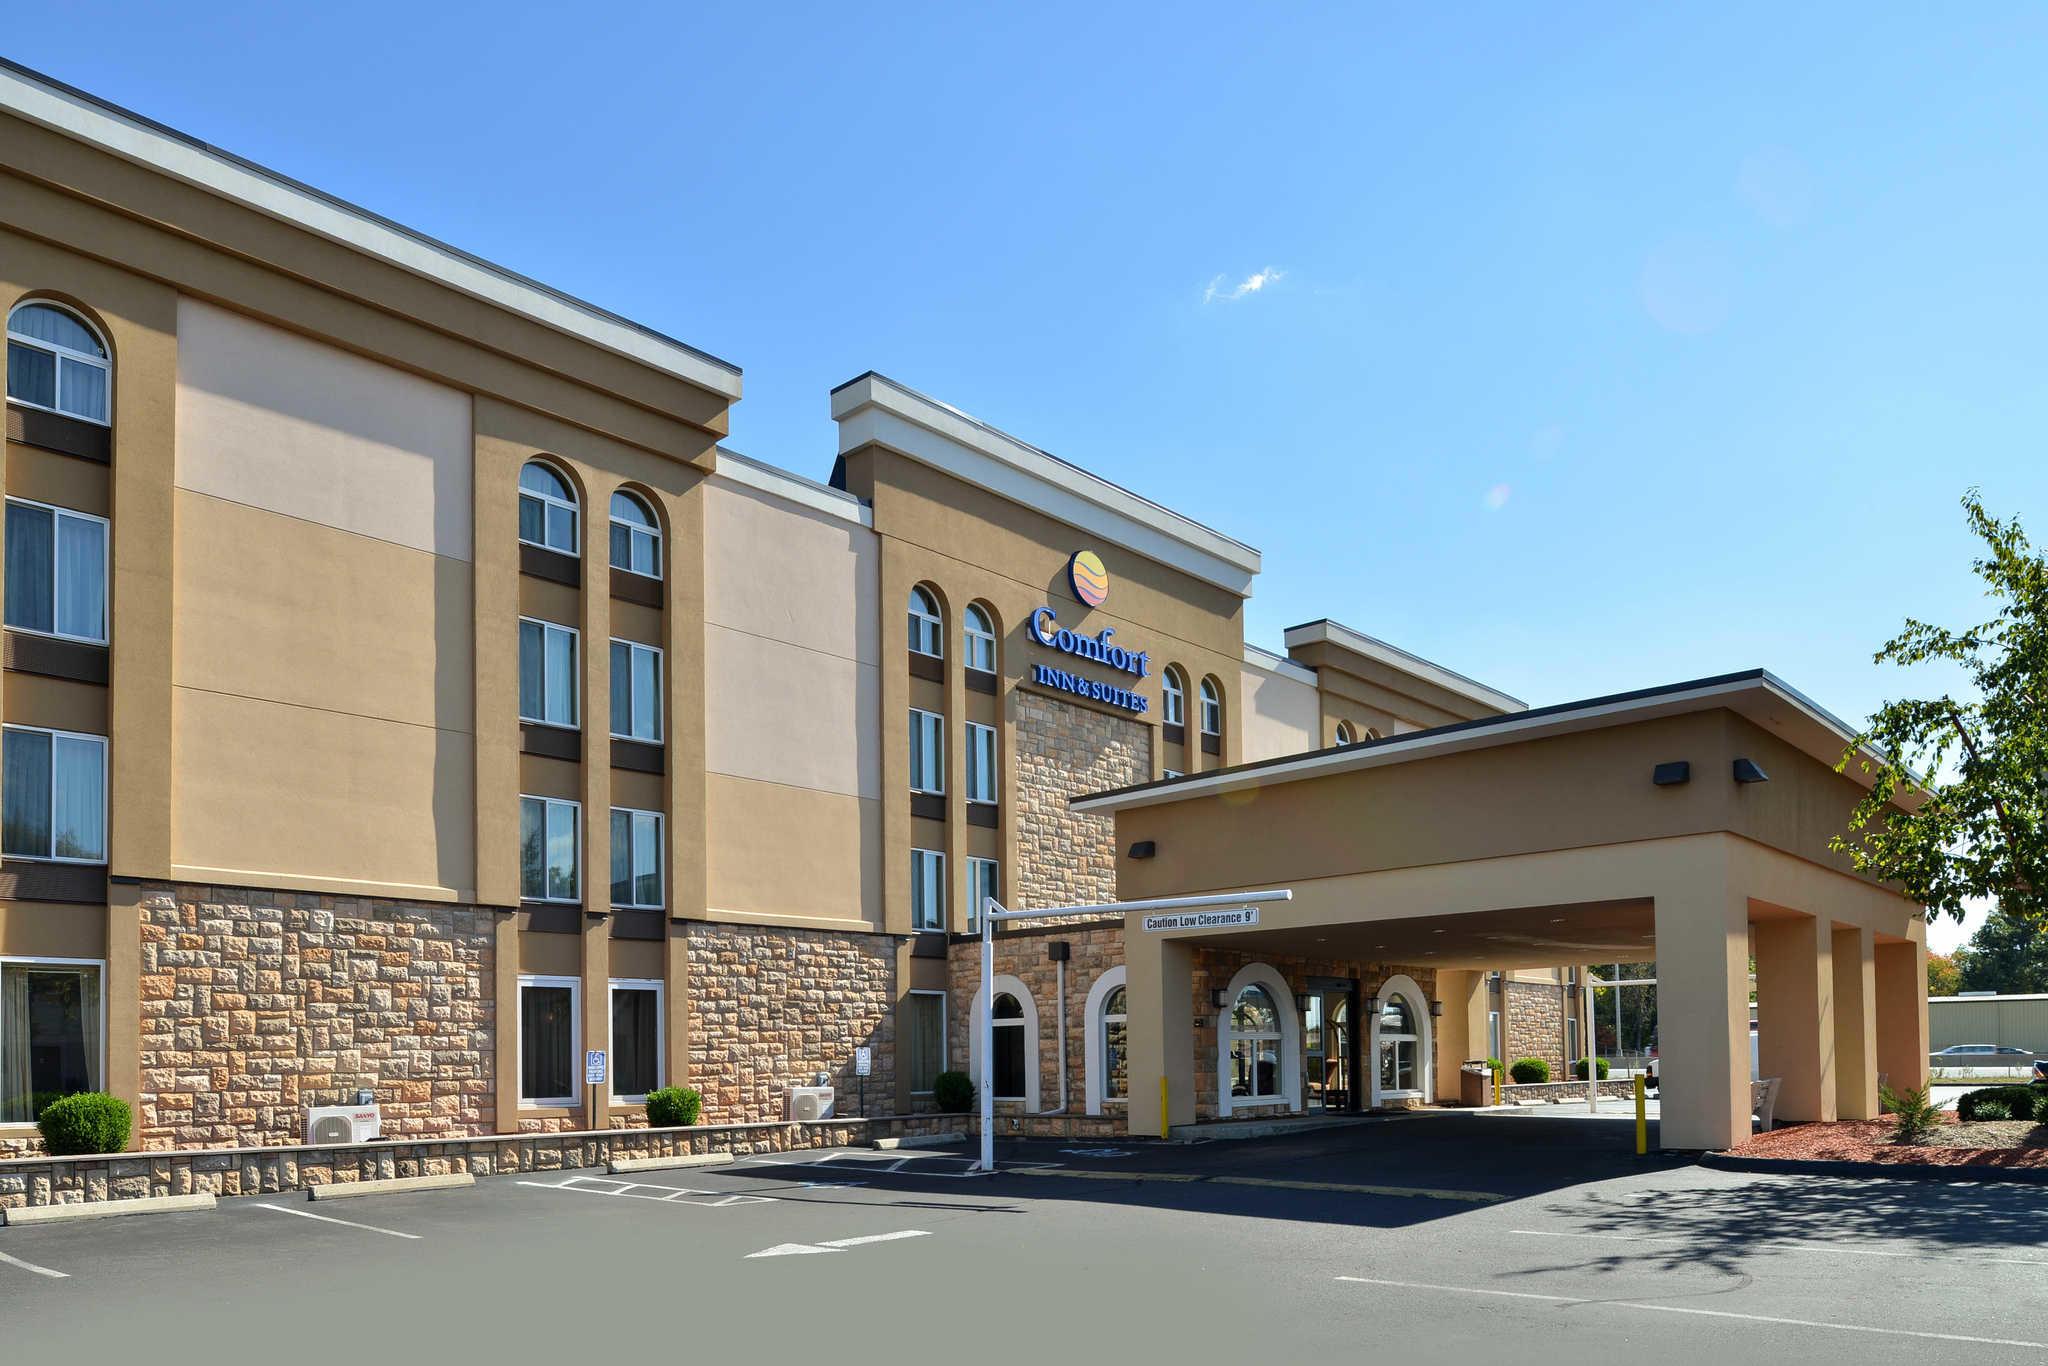 Comfort Inn & Suites East Hartford - Hartford image 1